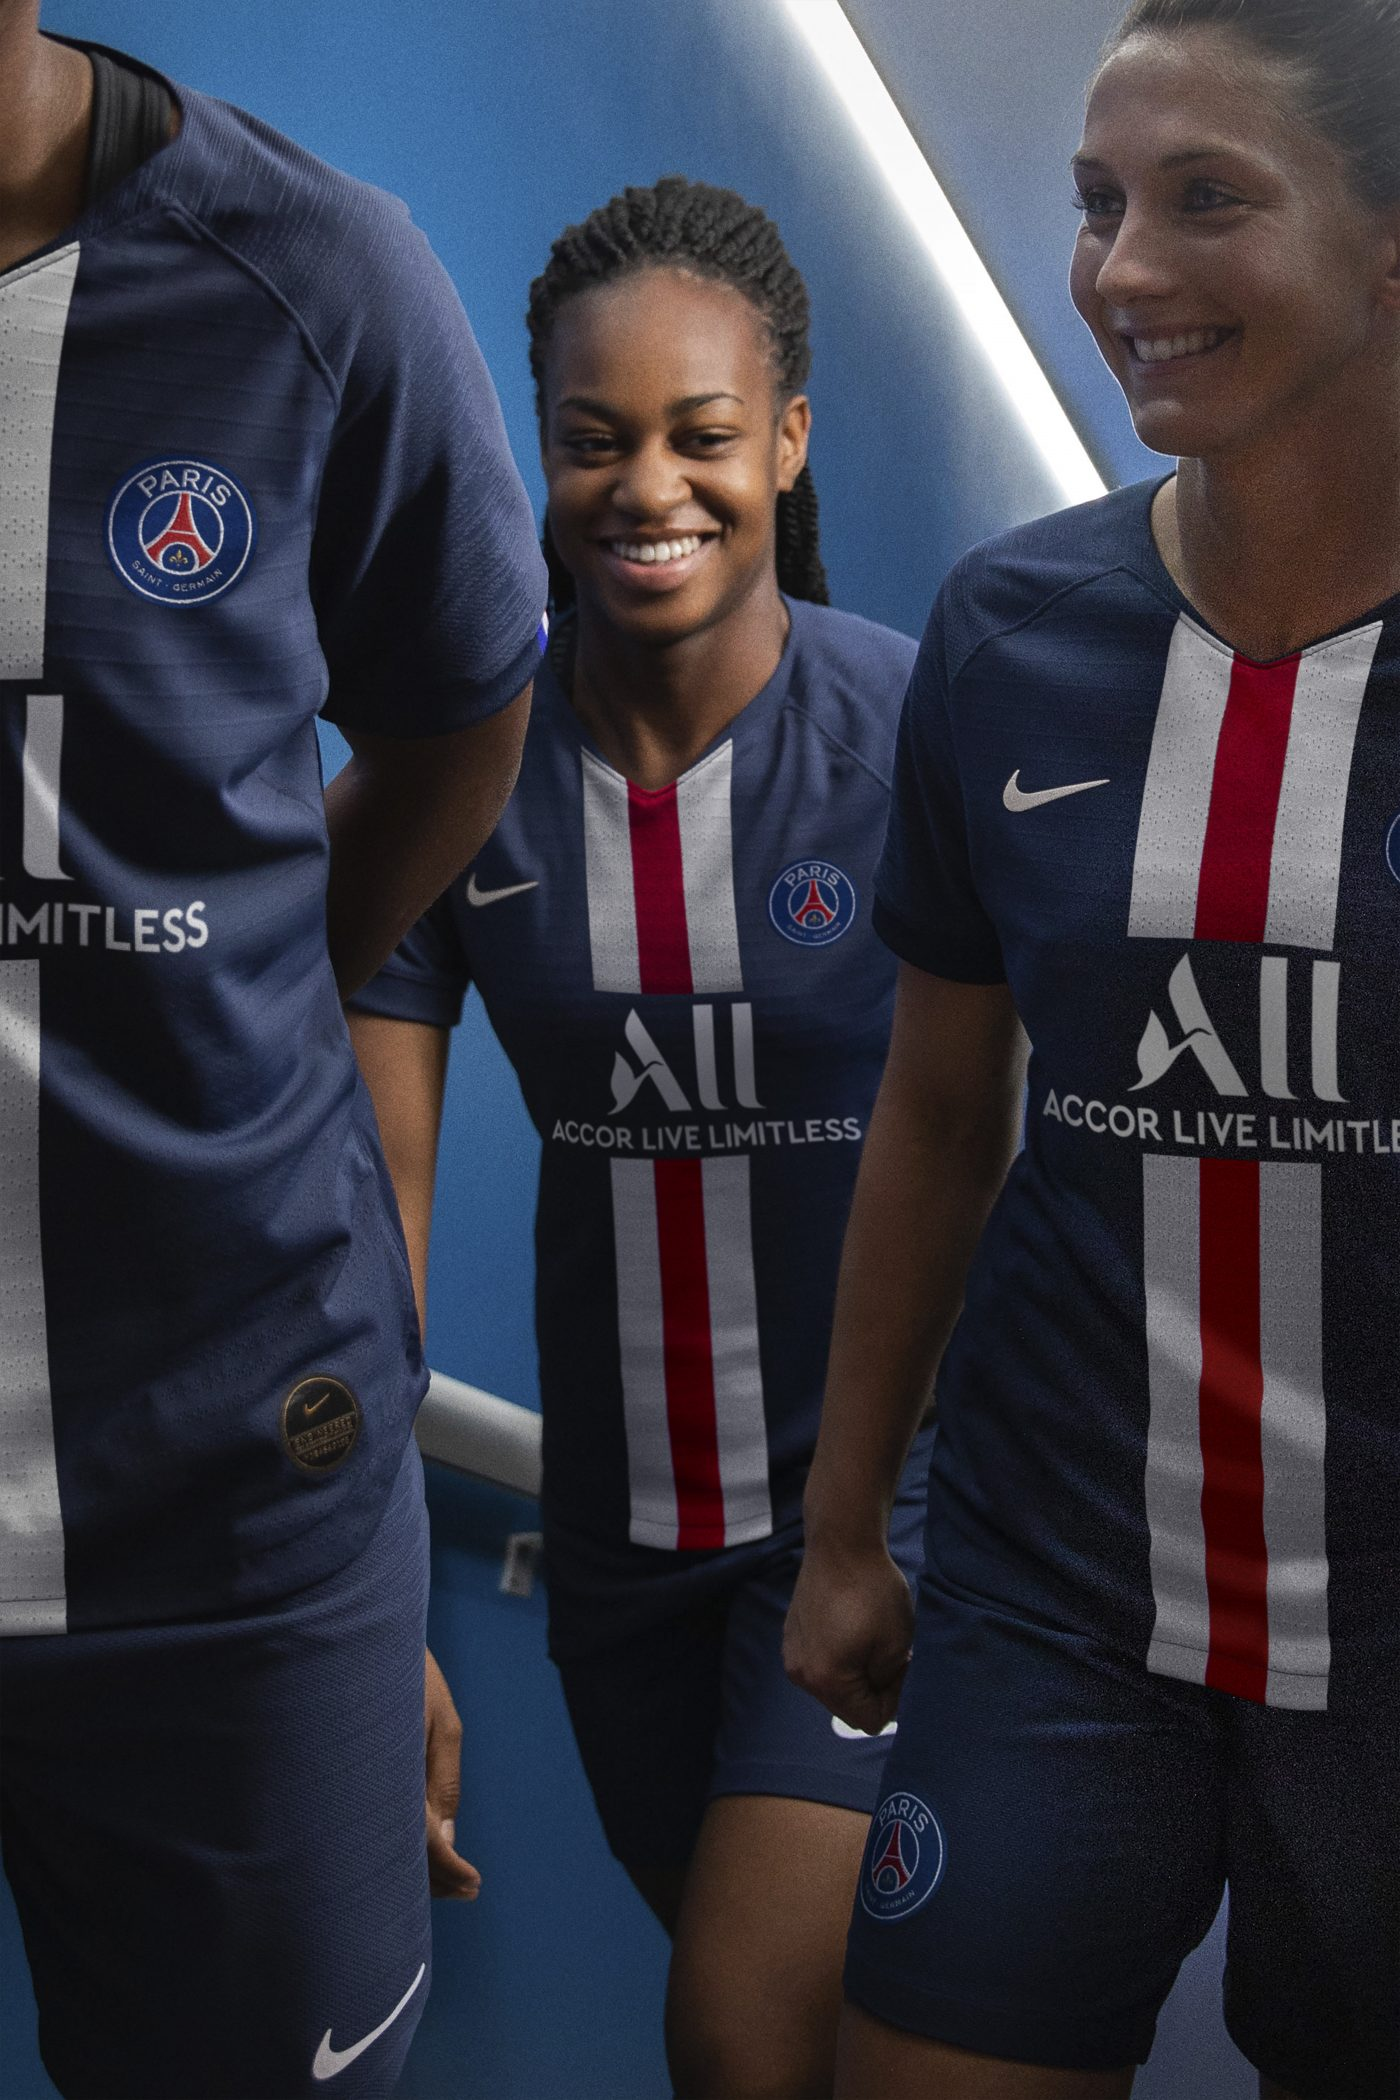 maillot-domicile-paris-saint-germain-psg-2019-2020-nike-8